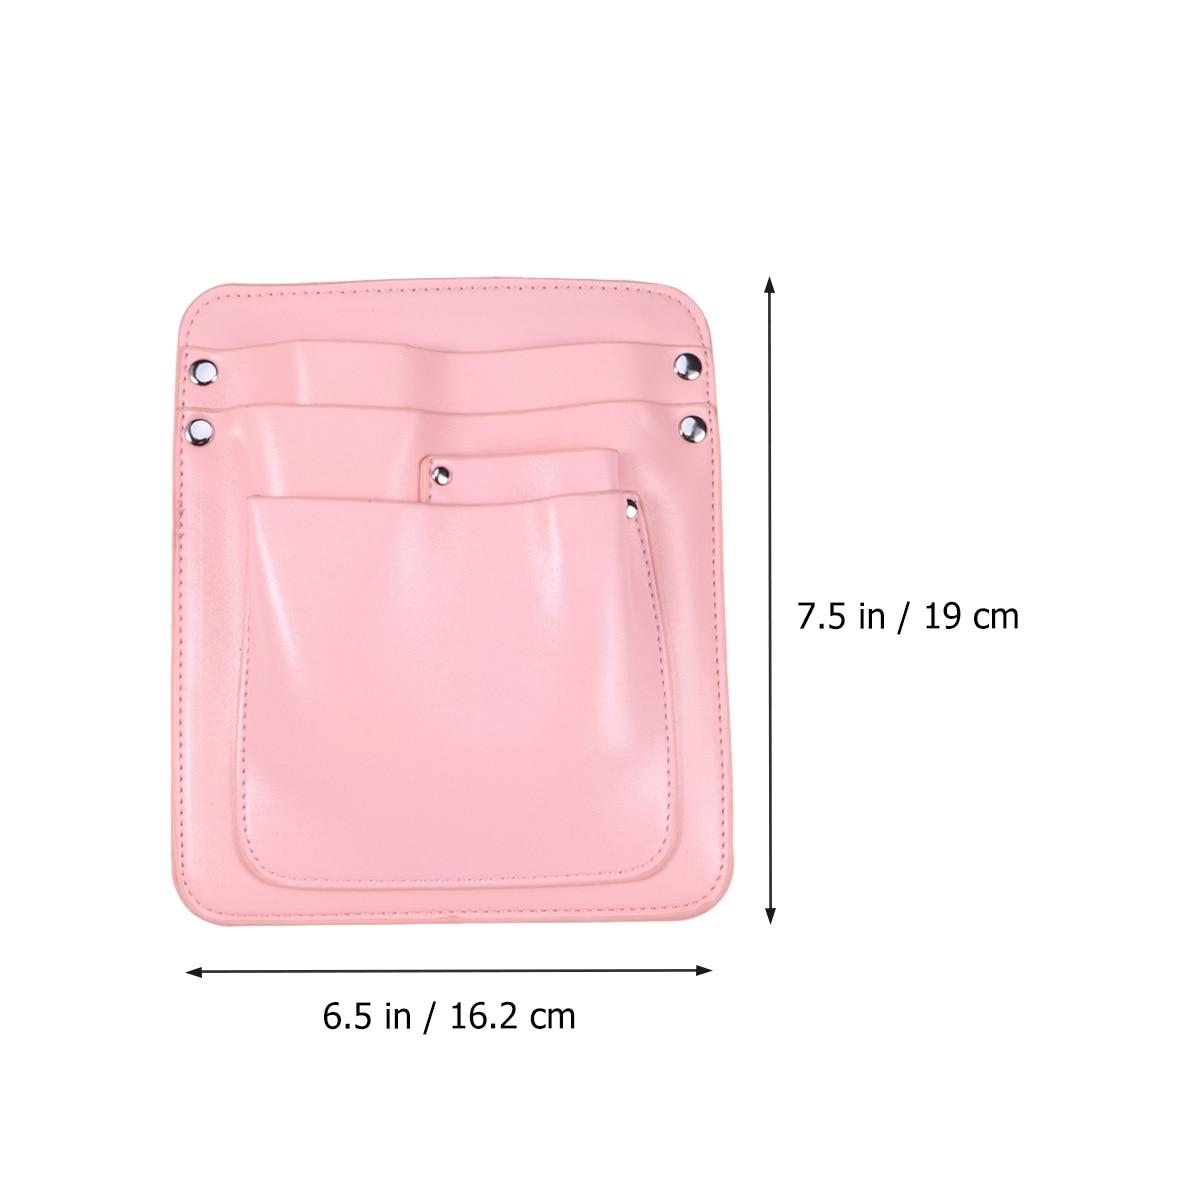 Tutti Dei Pelle 1 Alla Pc Fiori Articoli Robusta Piccola I Sling tasca Disposizione La Moda Per In Multi Bag Borsa Giorni Rivetto qZgRAwIZ